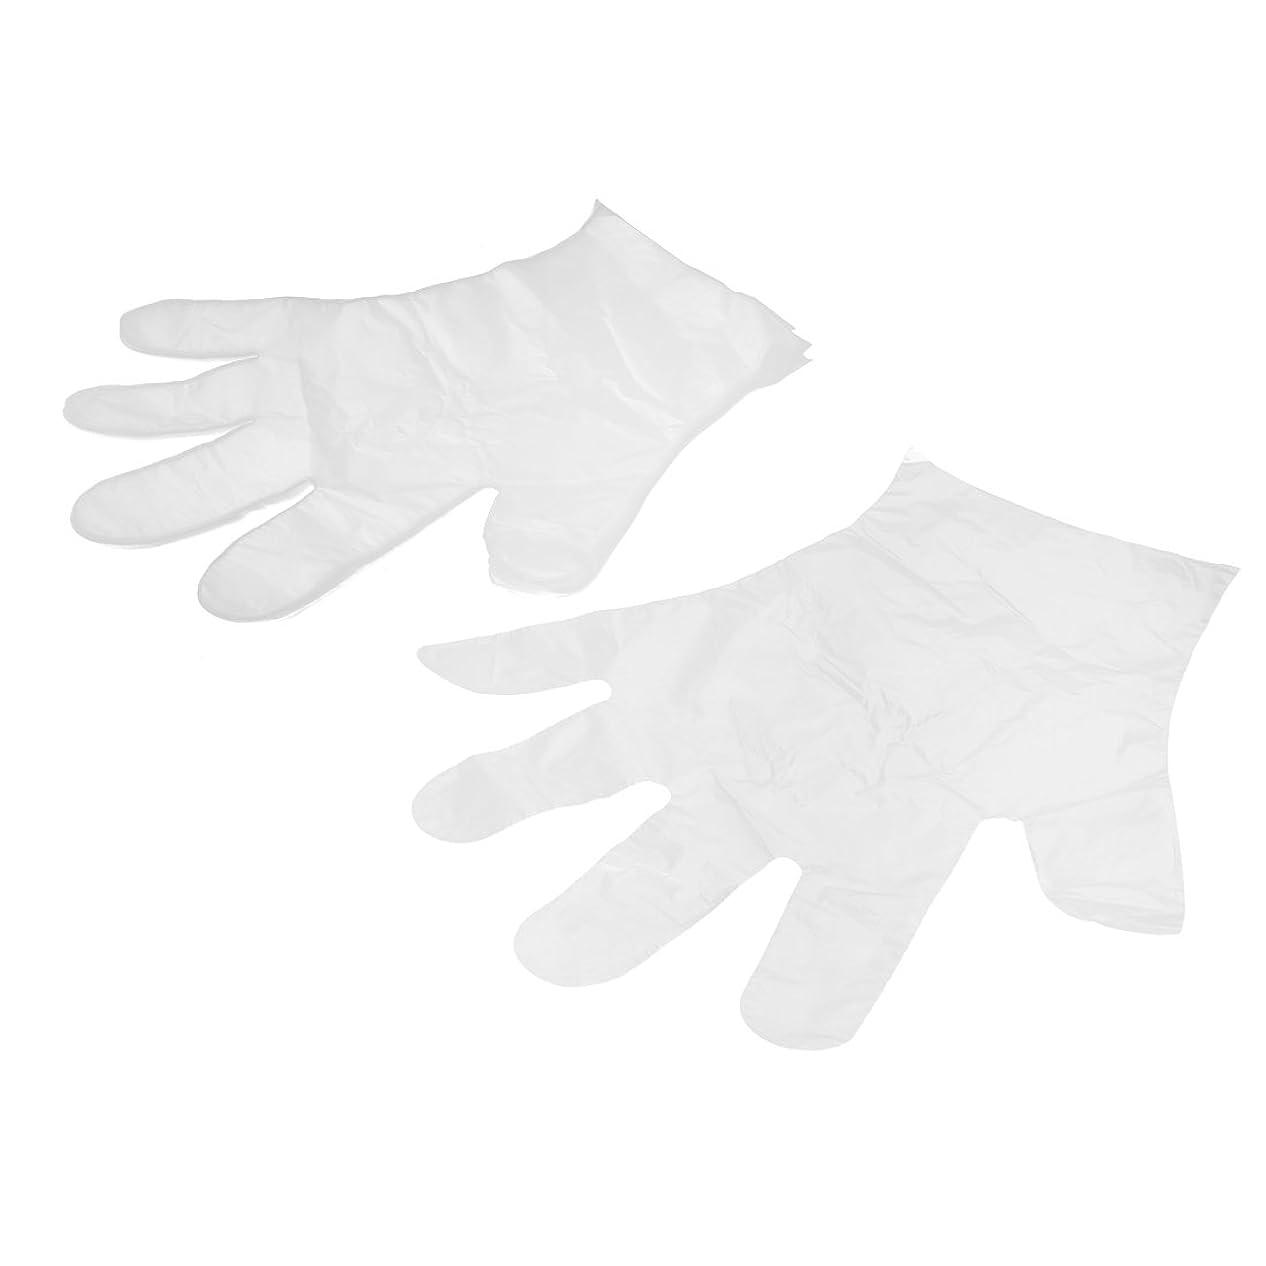 計算可能畝間苦しめるuxcell 使い捨て手袋 家庭用 食べ物サービス 手の保護 透明 プラスチック 28 x 20cm 25ペア入り